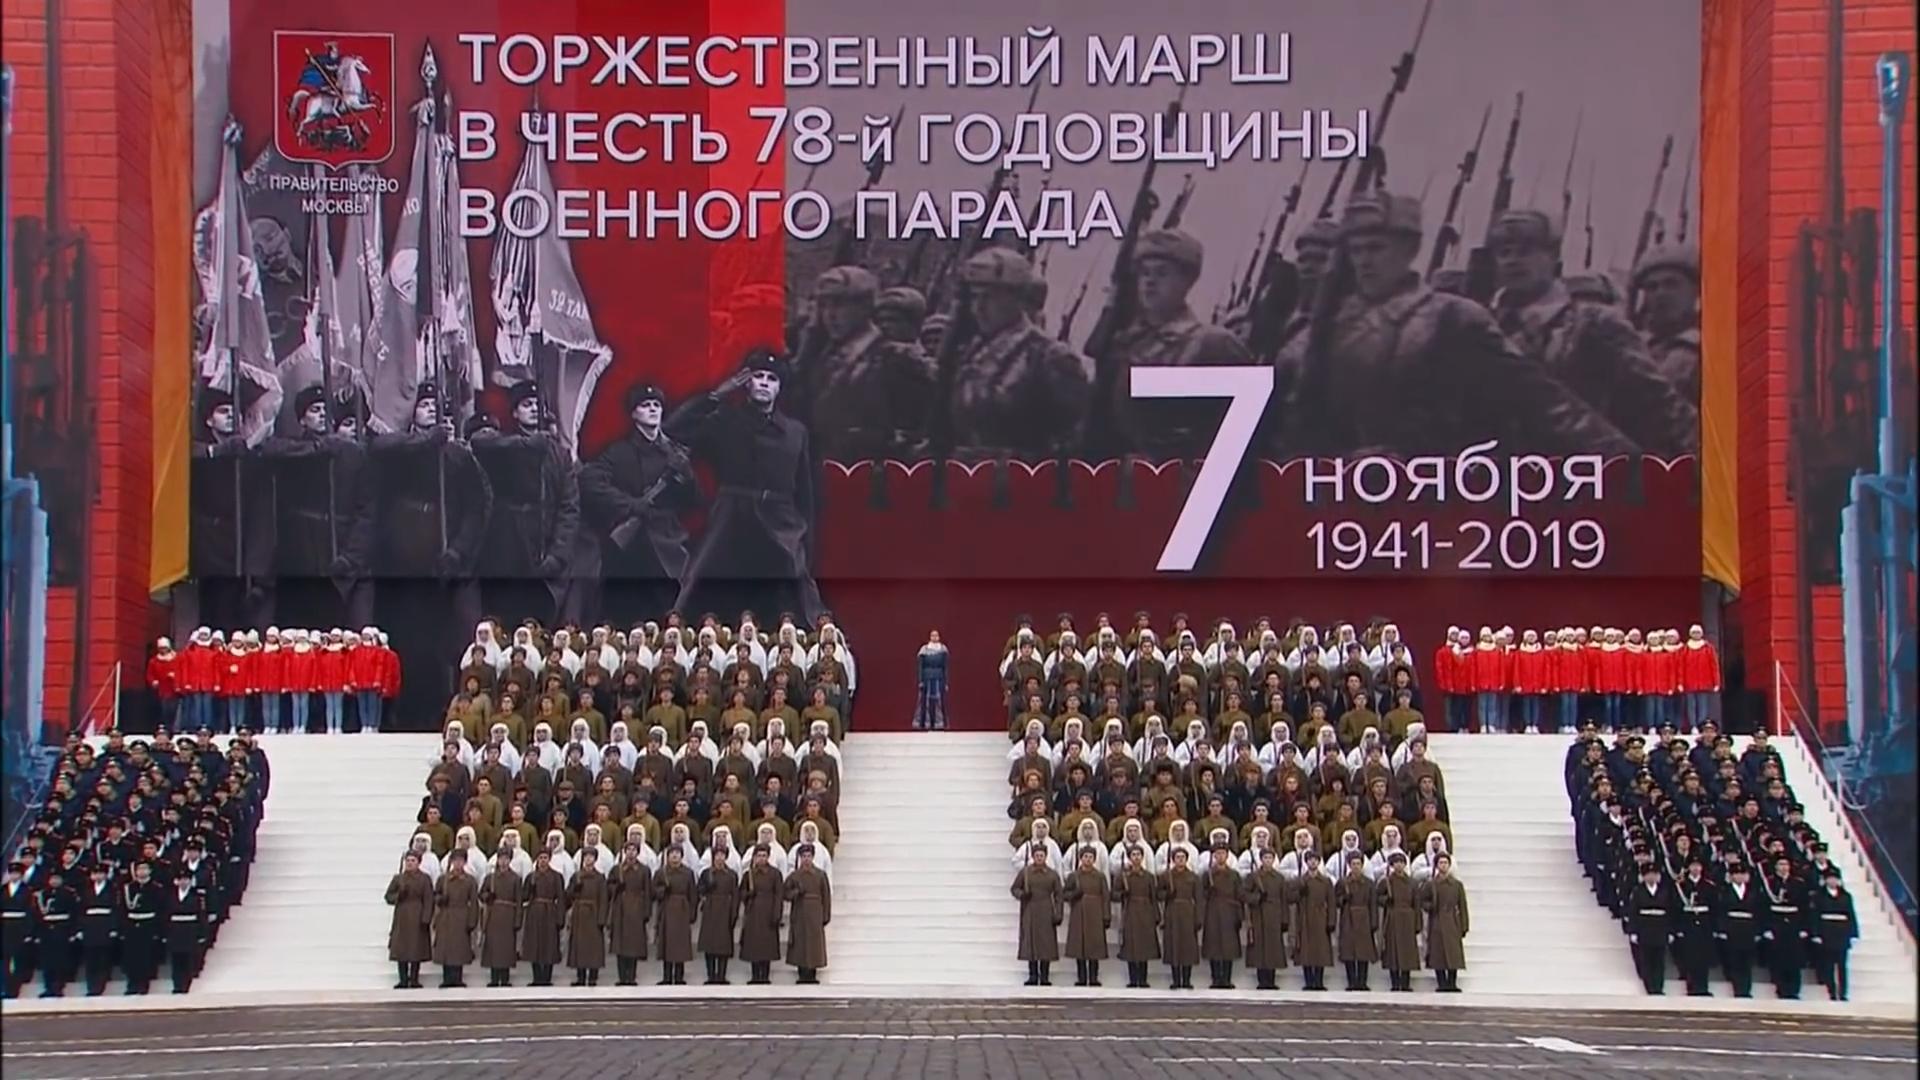 69-Марш в честь годовщины парада на Красной площади 1941-го года в Москве. Прямая трансляция